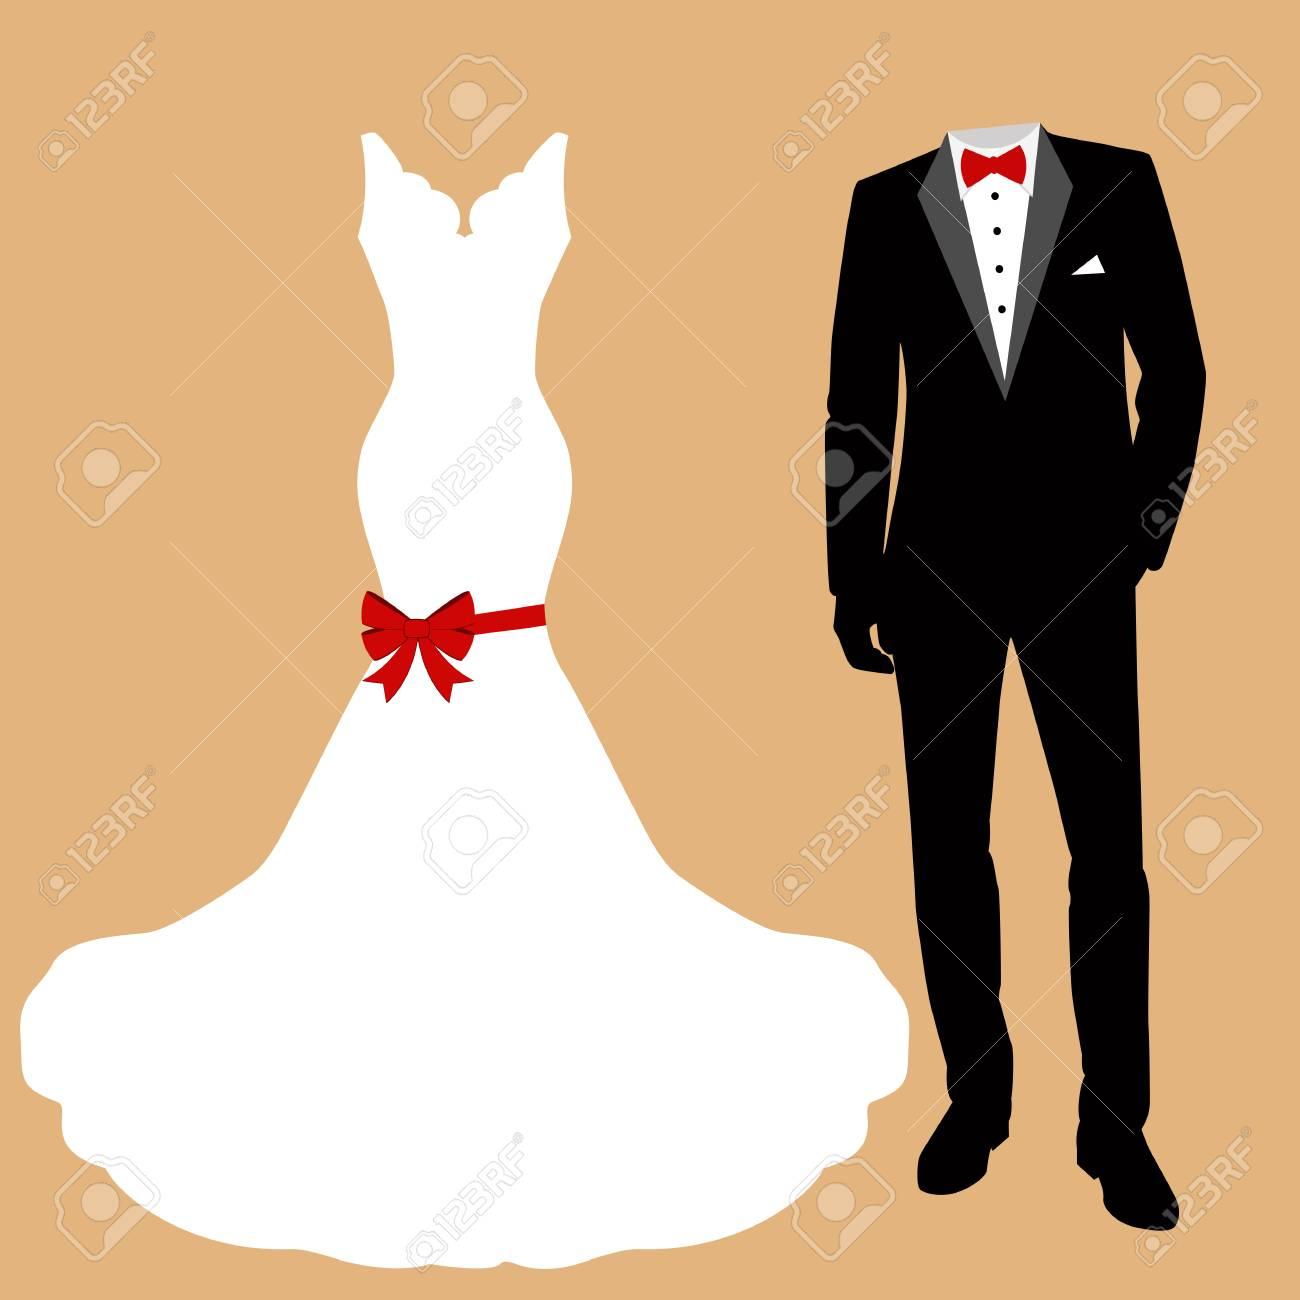 47b8c3ed2 Tarjeta de boda con la ropa de la novia y el novio. Hermoso vestido de  novia y esmoquin. Ilustración del vector.